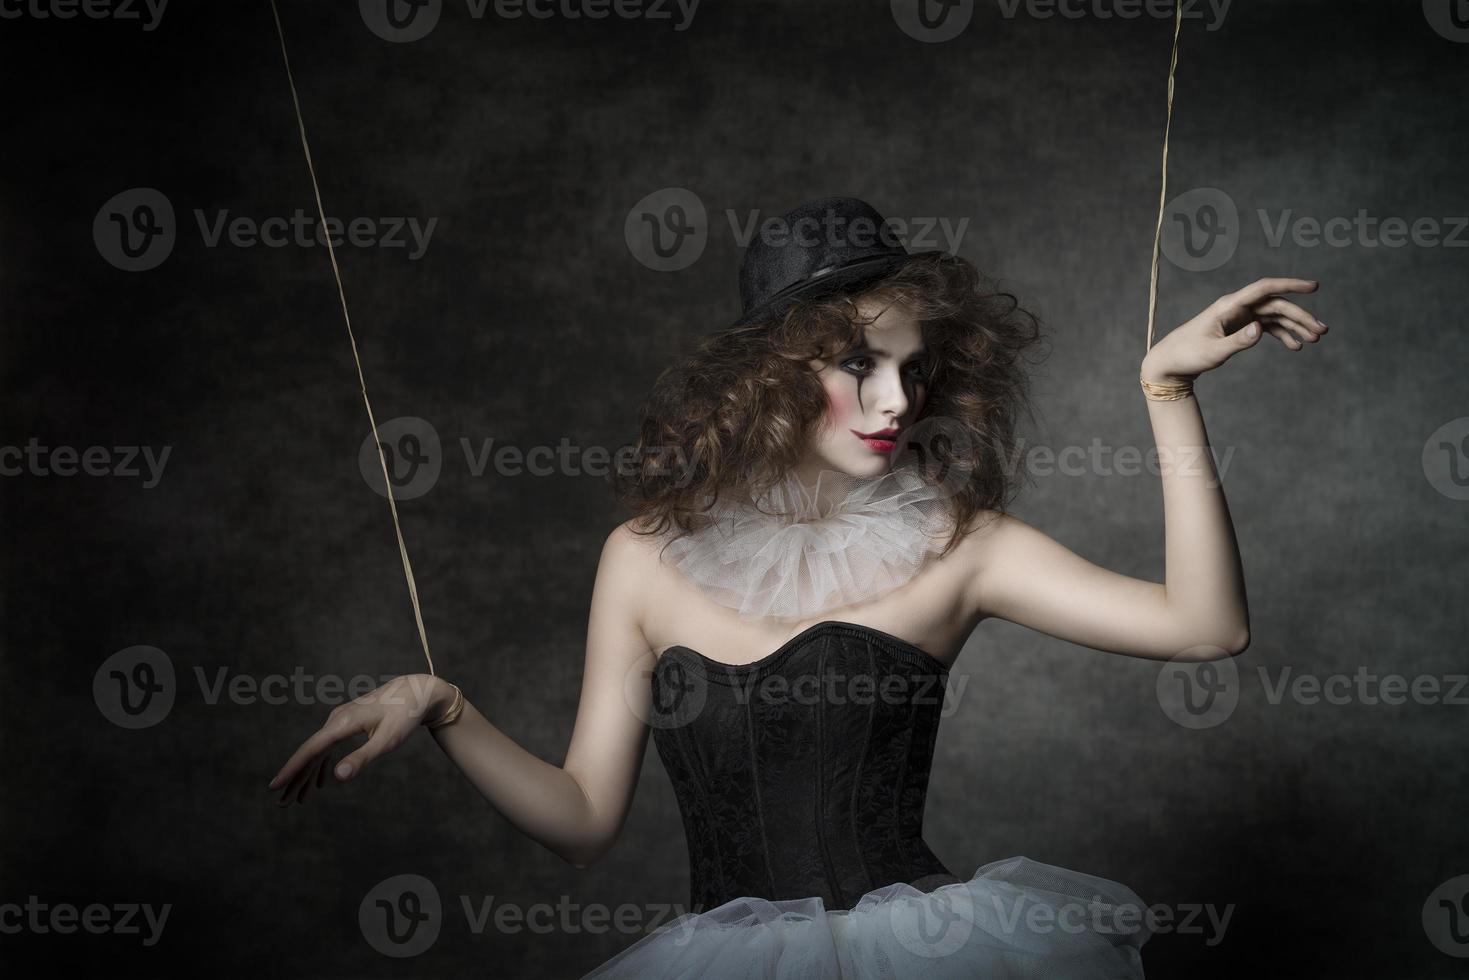 fantoche de palhaço sensual feminino foto